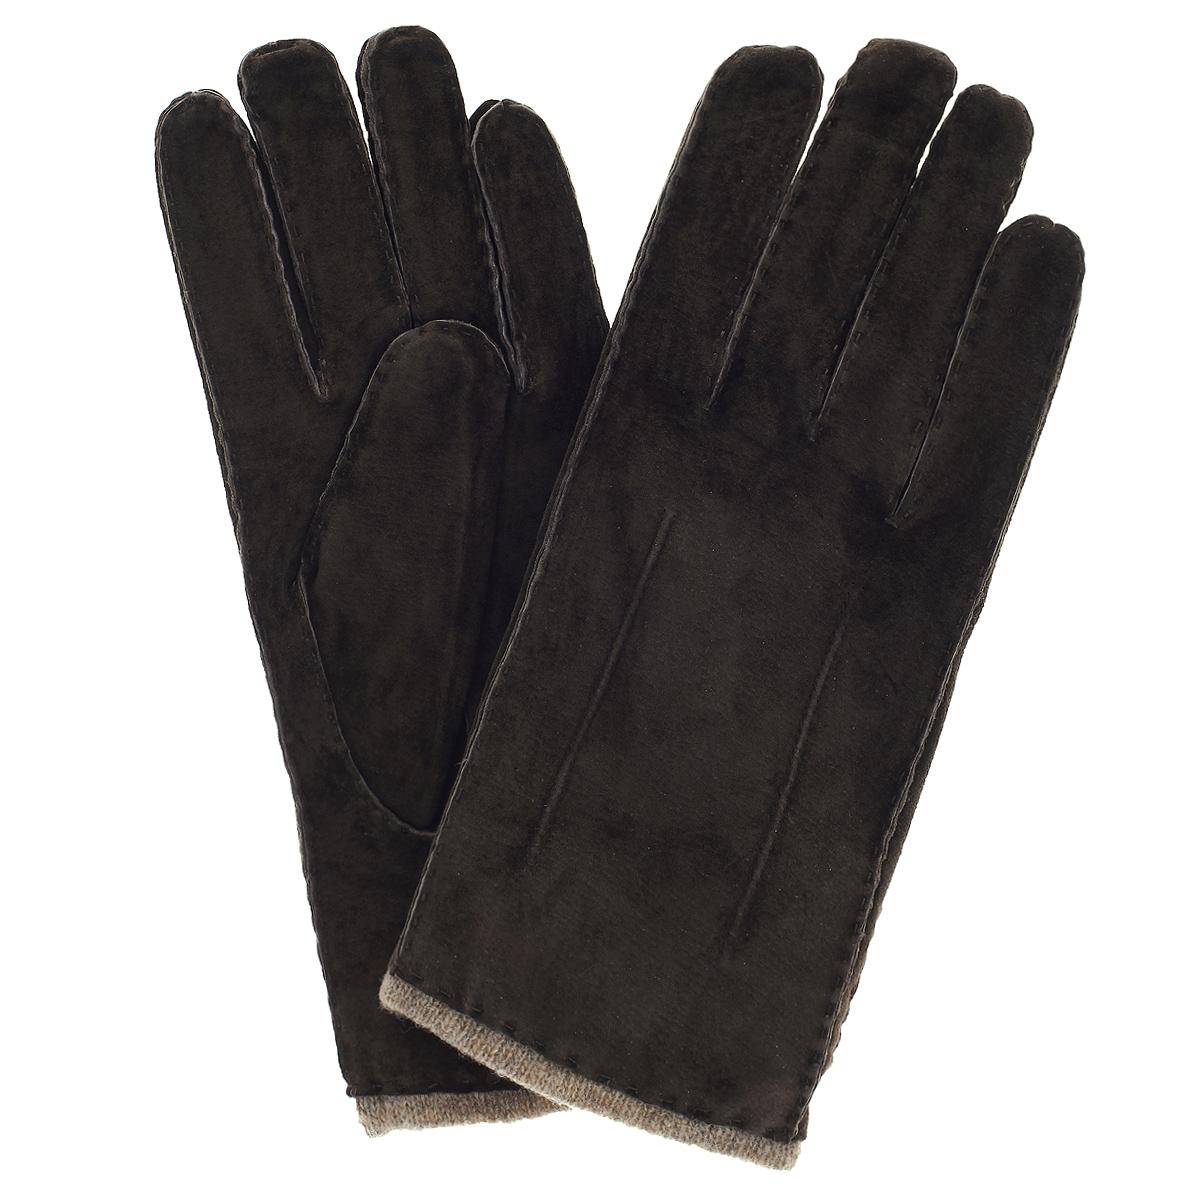 ПерчаткиSP16_FORK/BLСтильные мужские перчатки Dali Exclusive не только защитят ваши руки, но и станут великолепным украшением. Перчатки выполнены из чрезвычайно мягкой и приятной на ощупь натуральной замши, а их подкладка - из натуральной шерсти. Перчатки с внешней стороны оформлены декоративными стежками. Модель благодаря своему лаконичному исполнению прекрасно дополнит образ любого мужчины и сделает его более стильным, придав тонкую нотку брутальности. Создайте элегантный образ и подчеркните свою яркую индивидуальность новым аксессуаром!